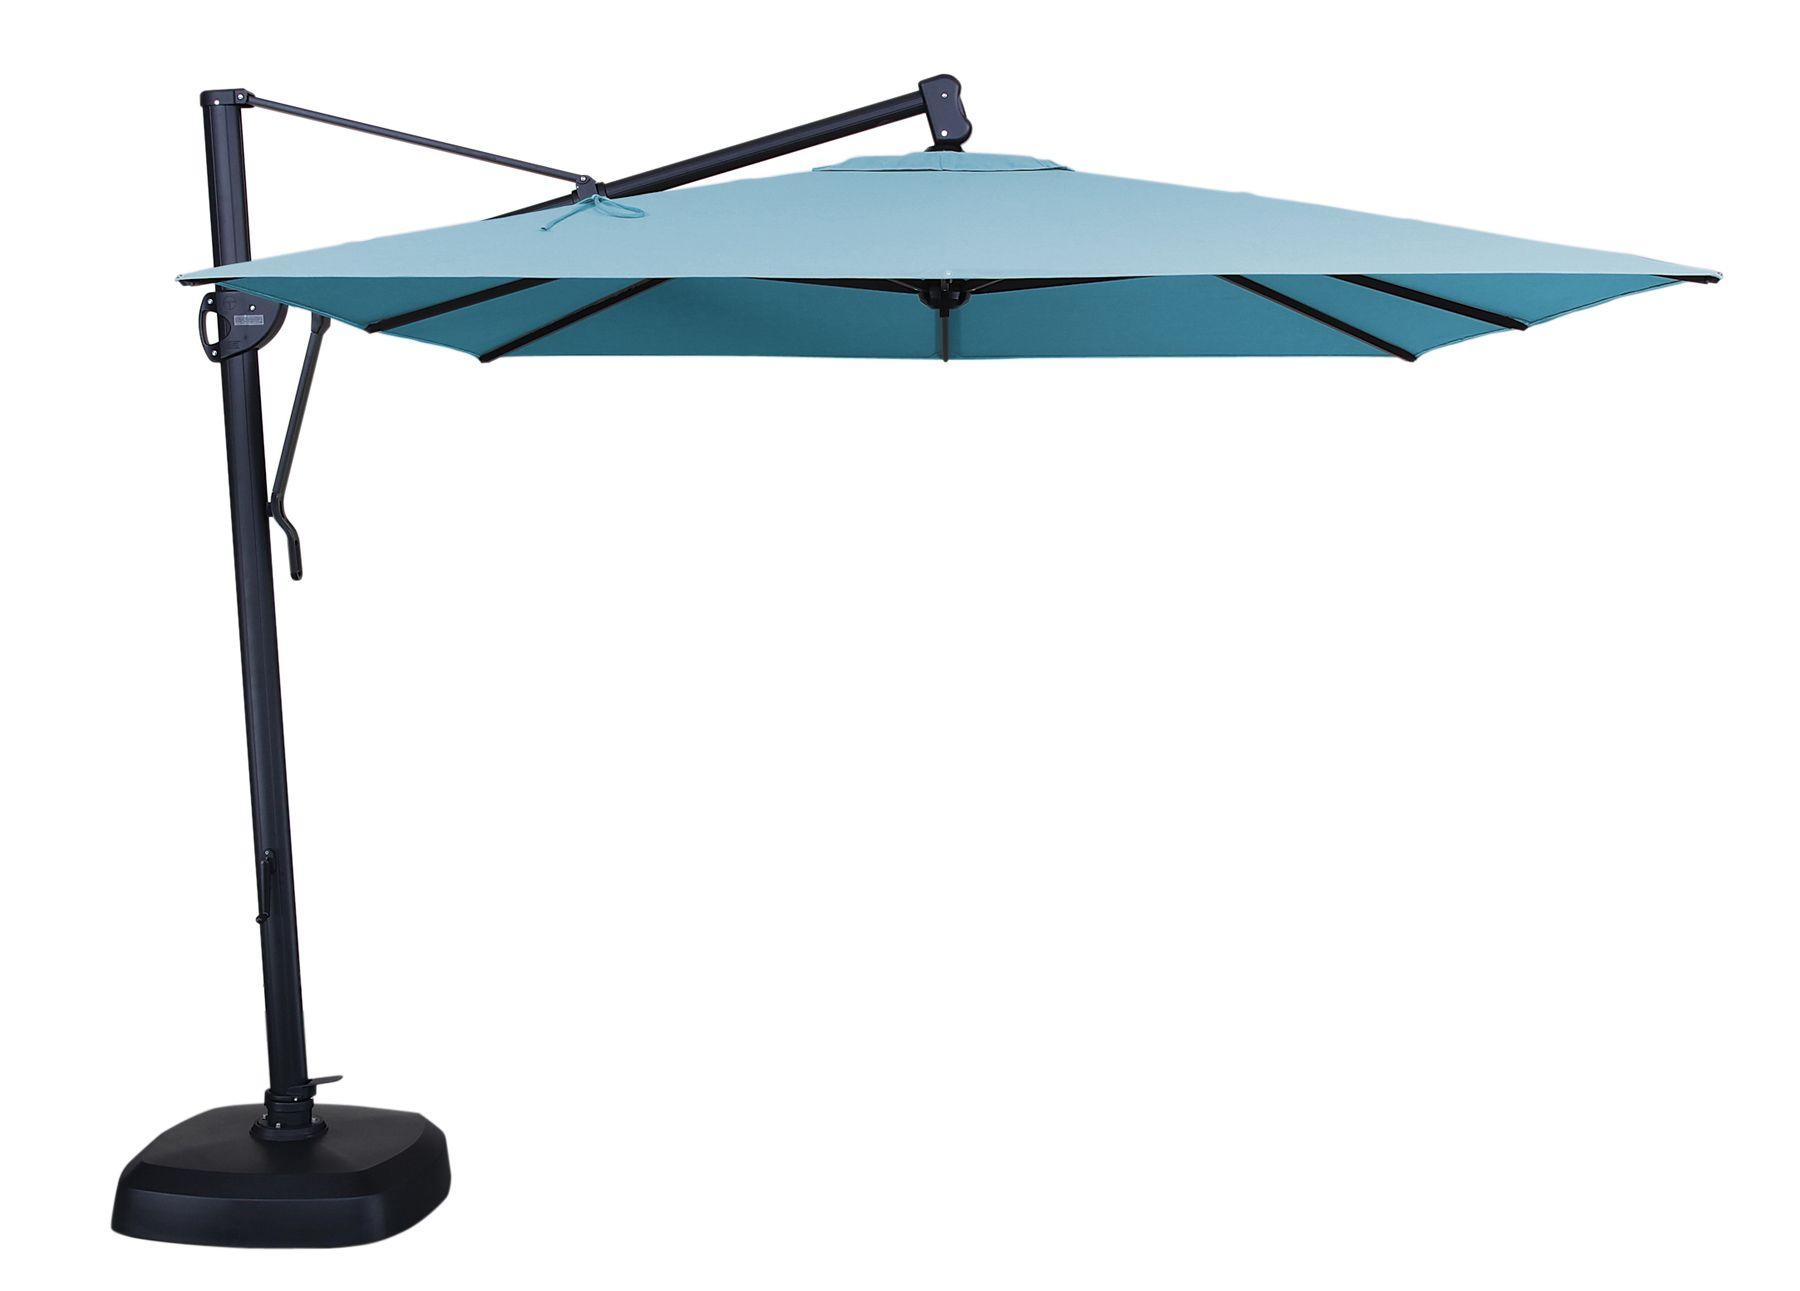 AKZSQ 10u0027 Cantilever Umbrella By Treasure Garden